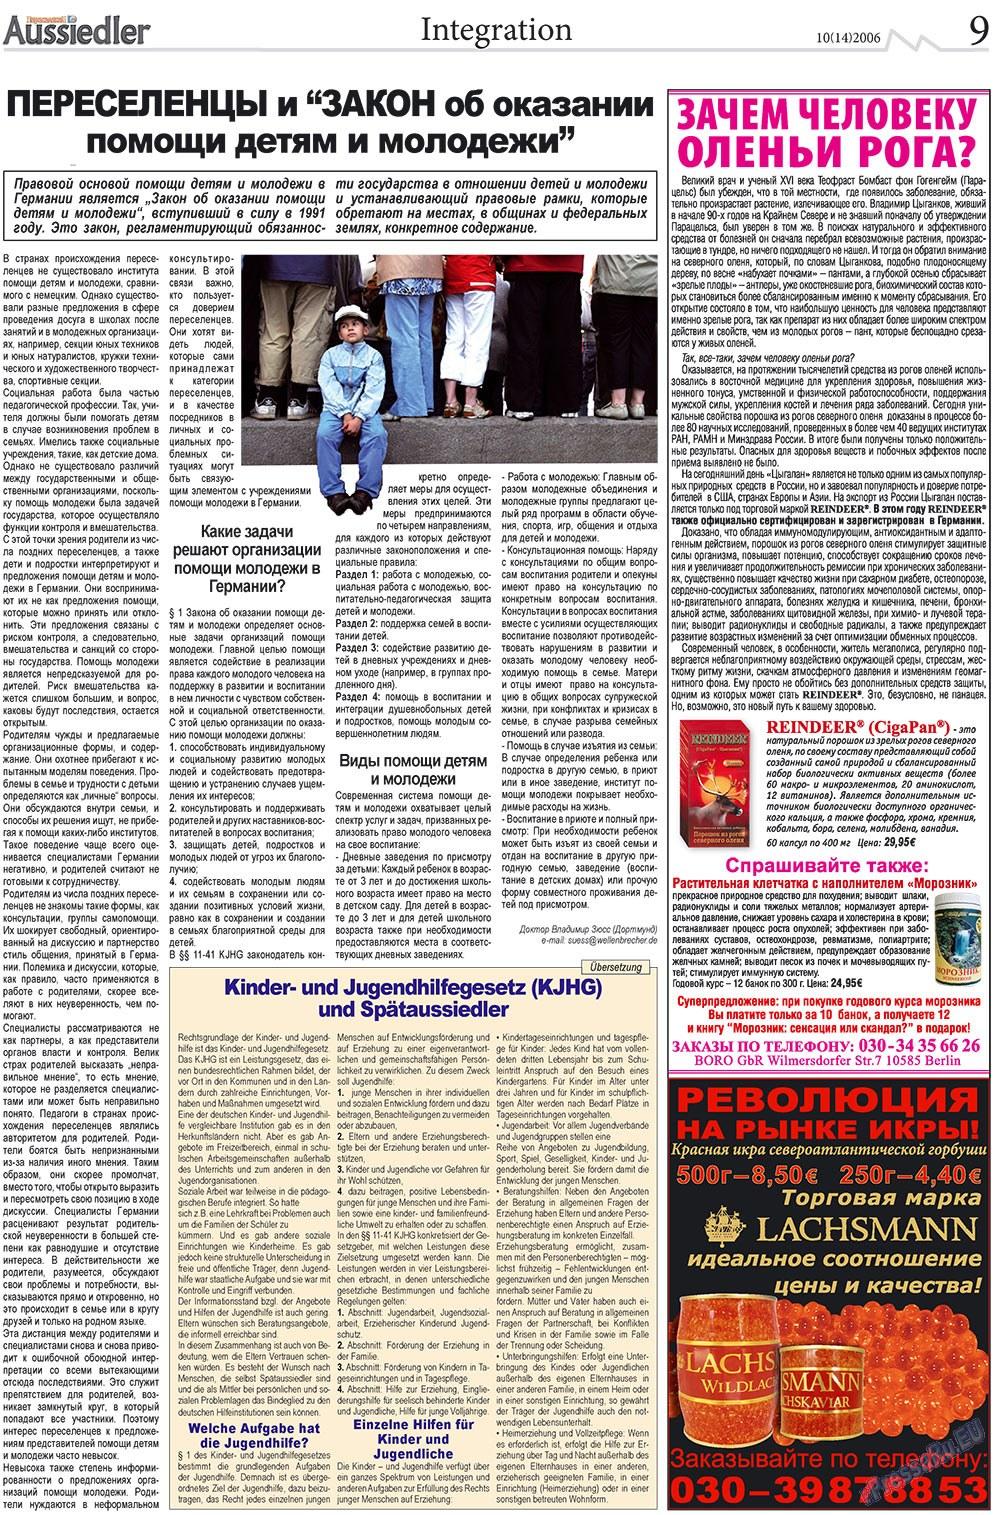 Переселенец (газета). 2006 год, номер 10, стр. 9